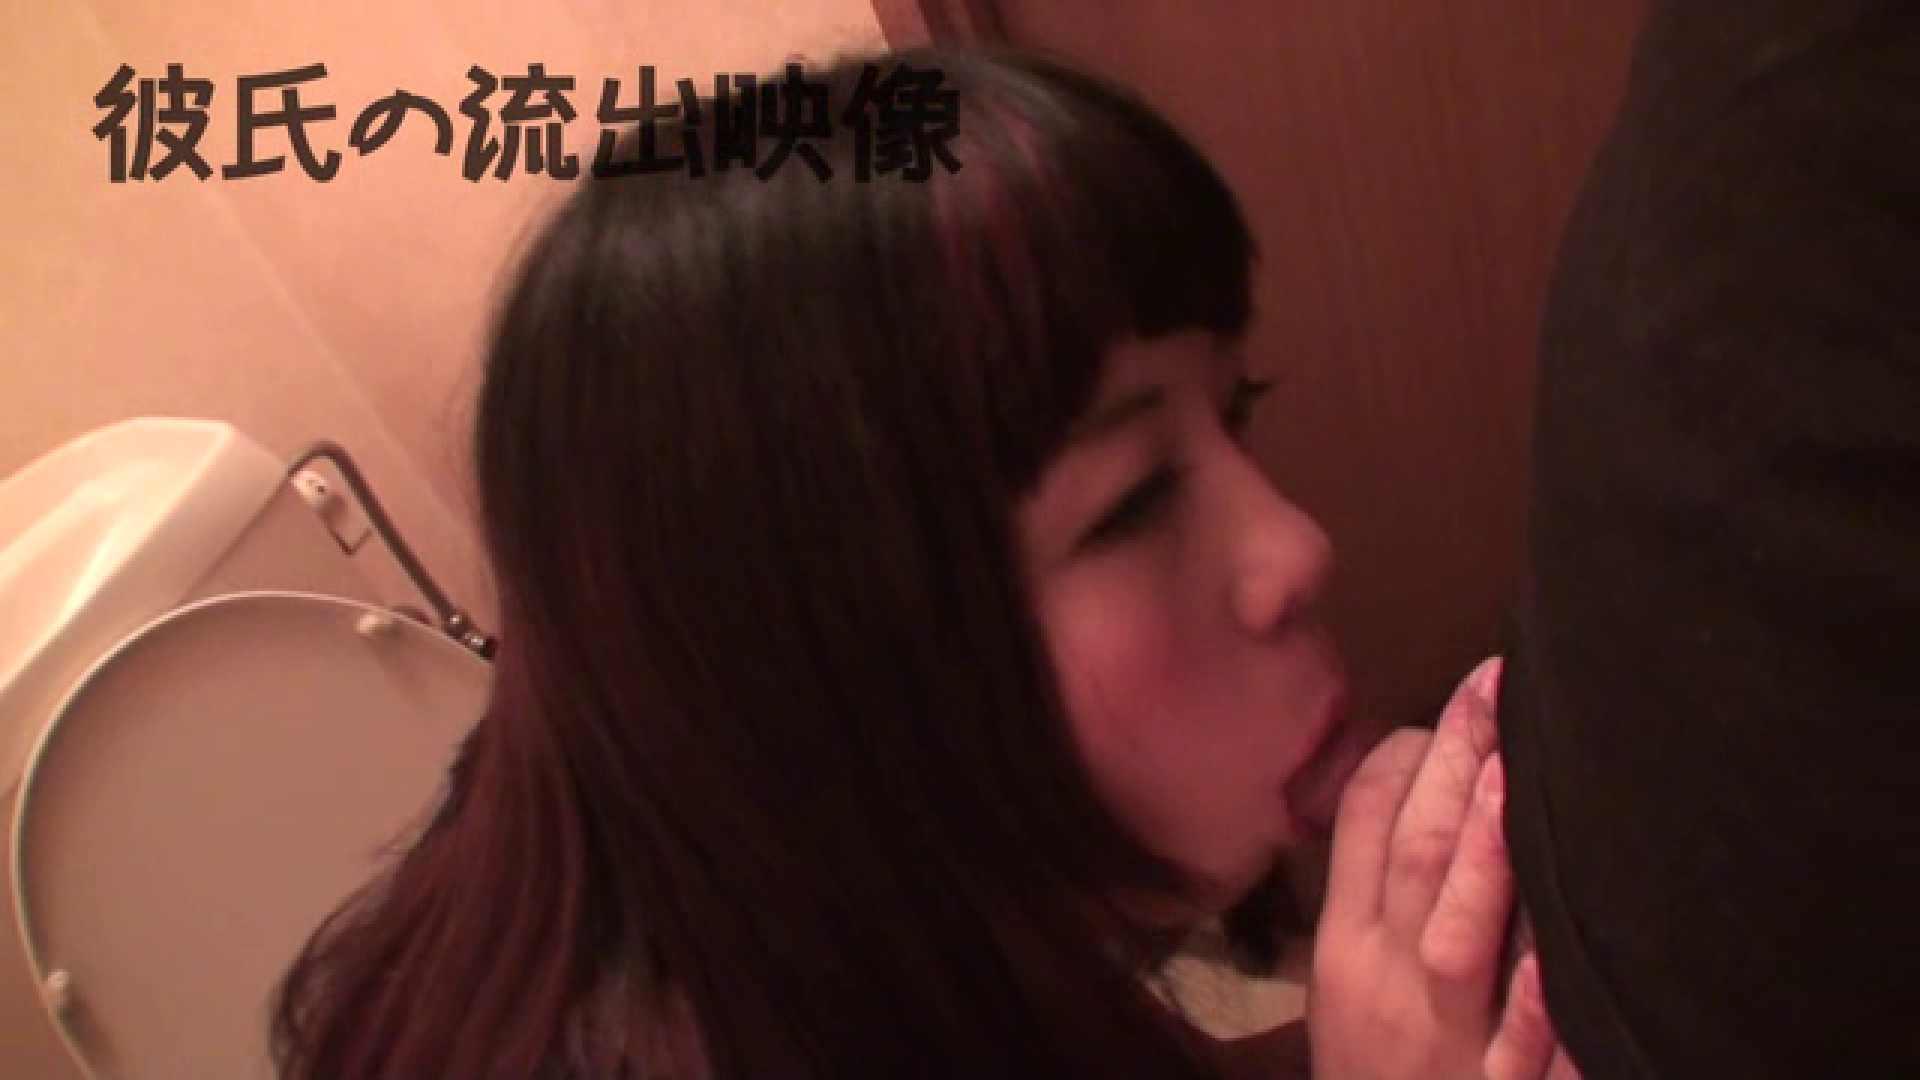 彼氏が流出 パイパン素人嬢のハメ撮り映像 中出し  110pic 18